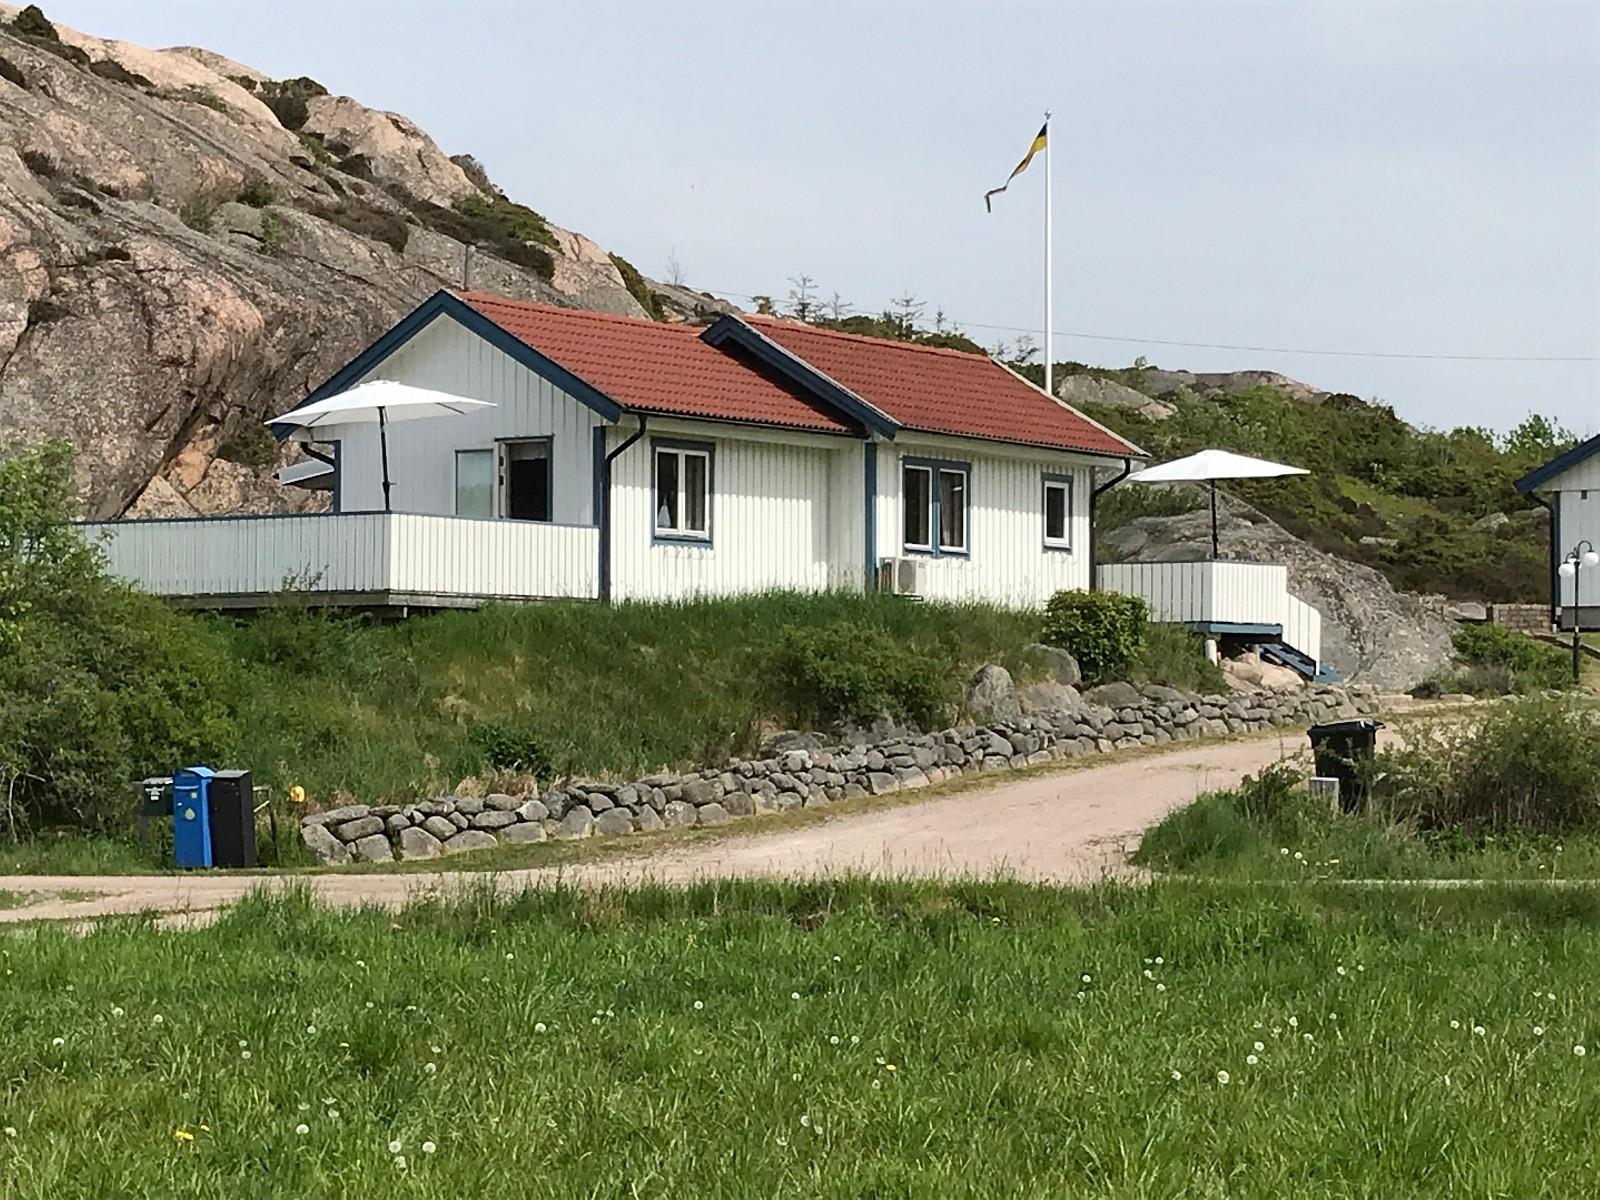 Velutstyrt gjestehus i Bohuslän tilbys familier med medlemmer på både to- og fire ben ;-)  Huset har to solrike altaner for henholdsvis morgen-/formiddags-/ettermiddags-/kveldssol